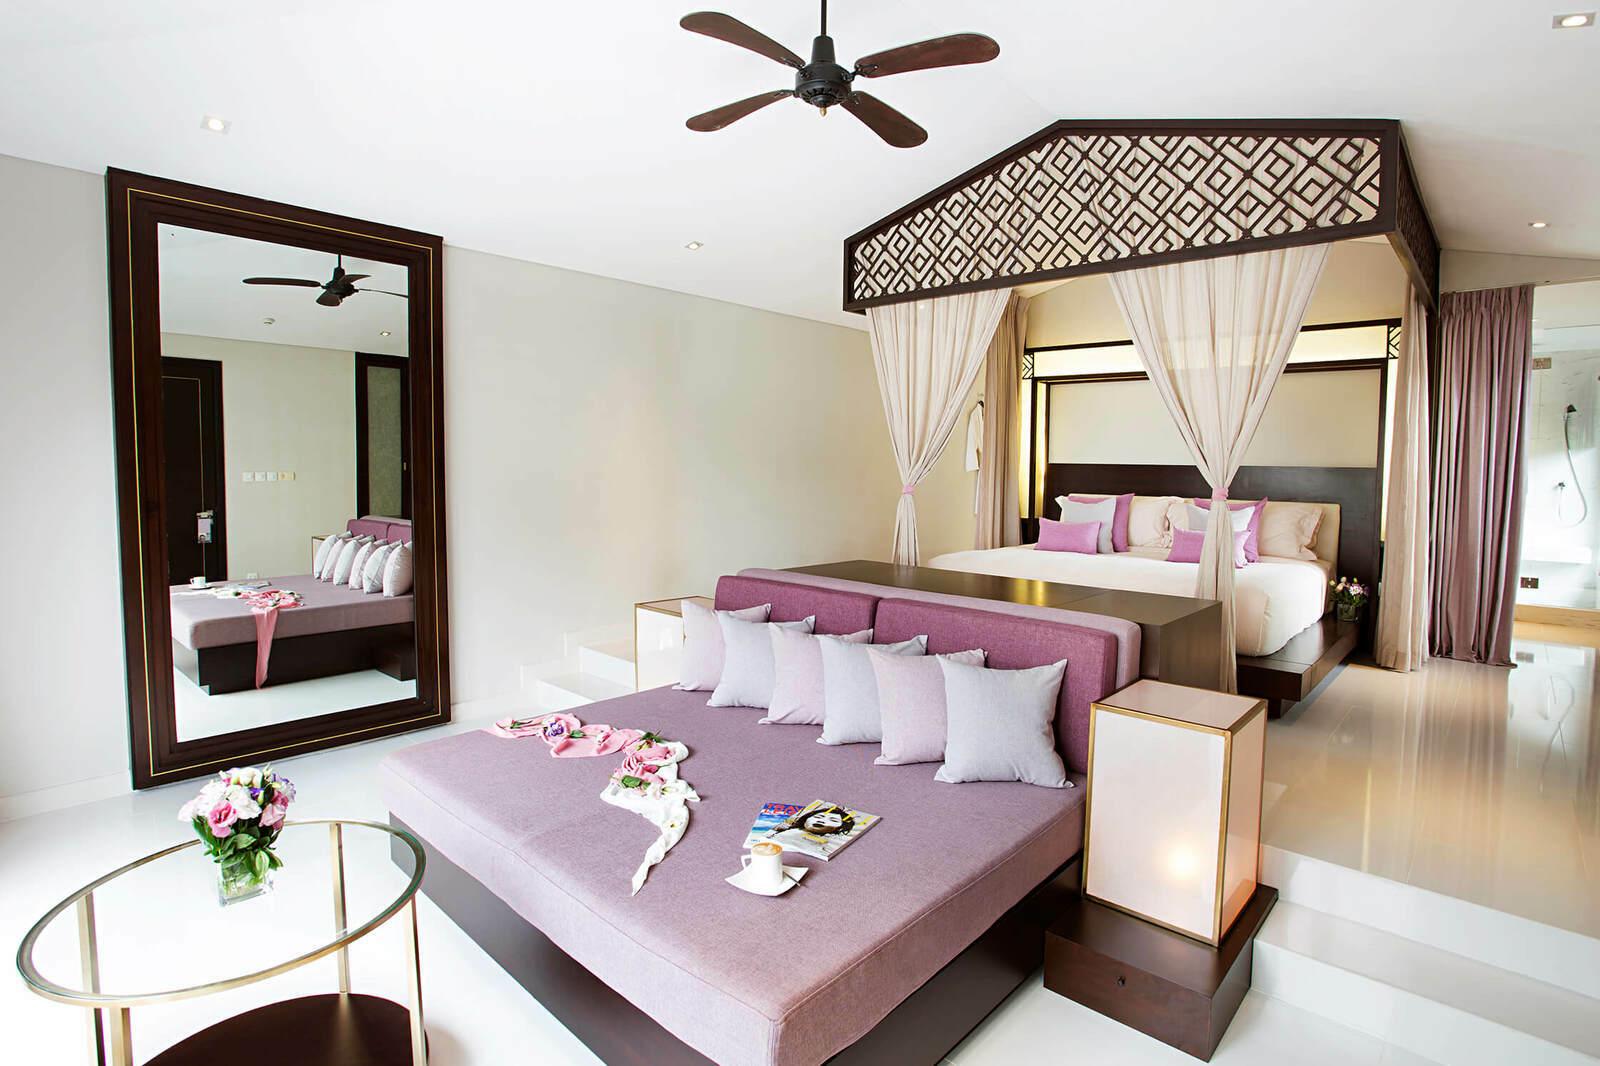 Fusion maia danang beach villa 5652 3667 1585197605 - 6 resort của Việt Nam lên báo Anh